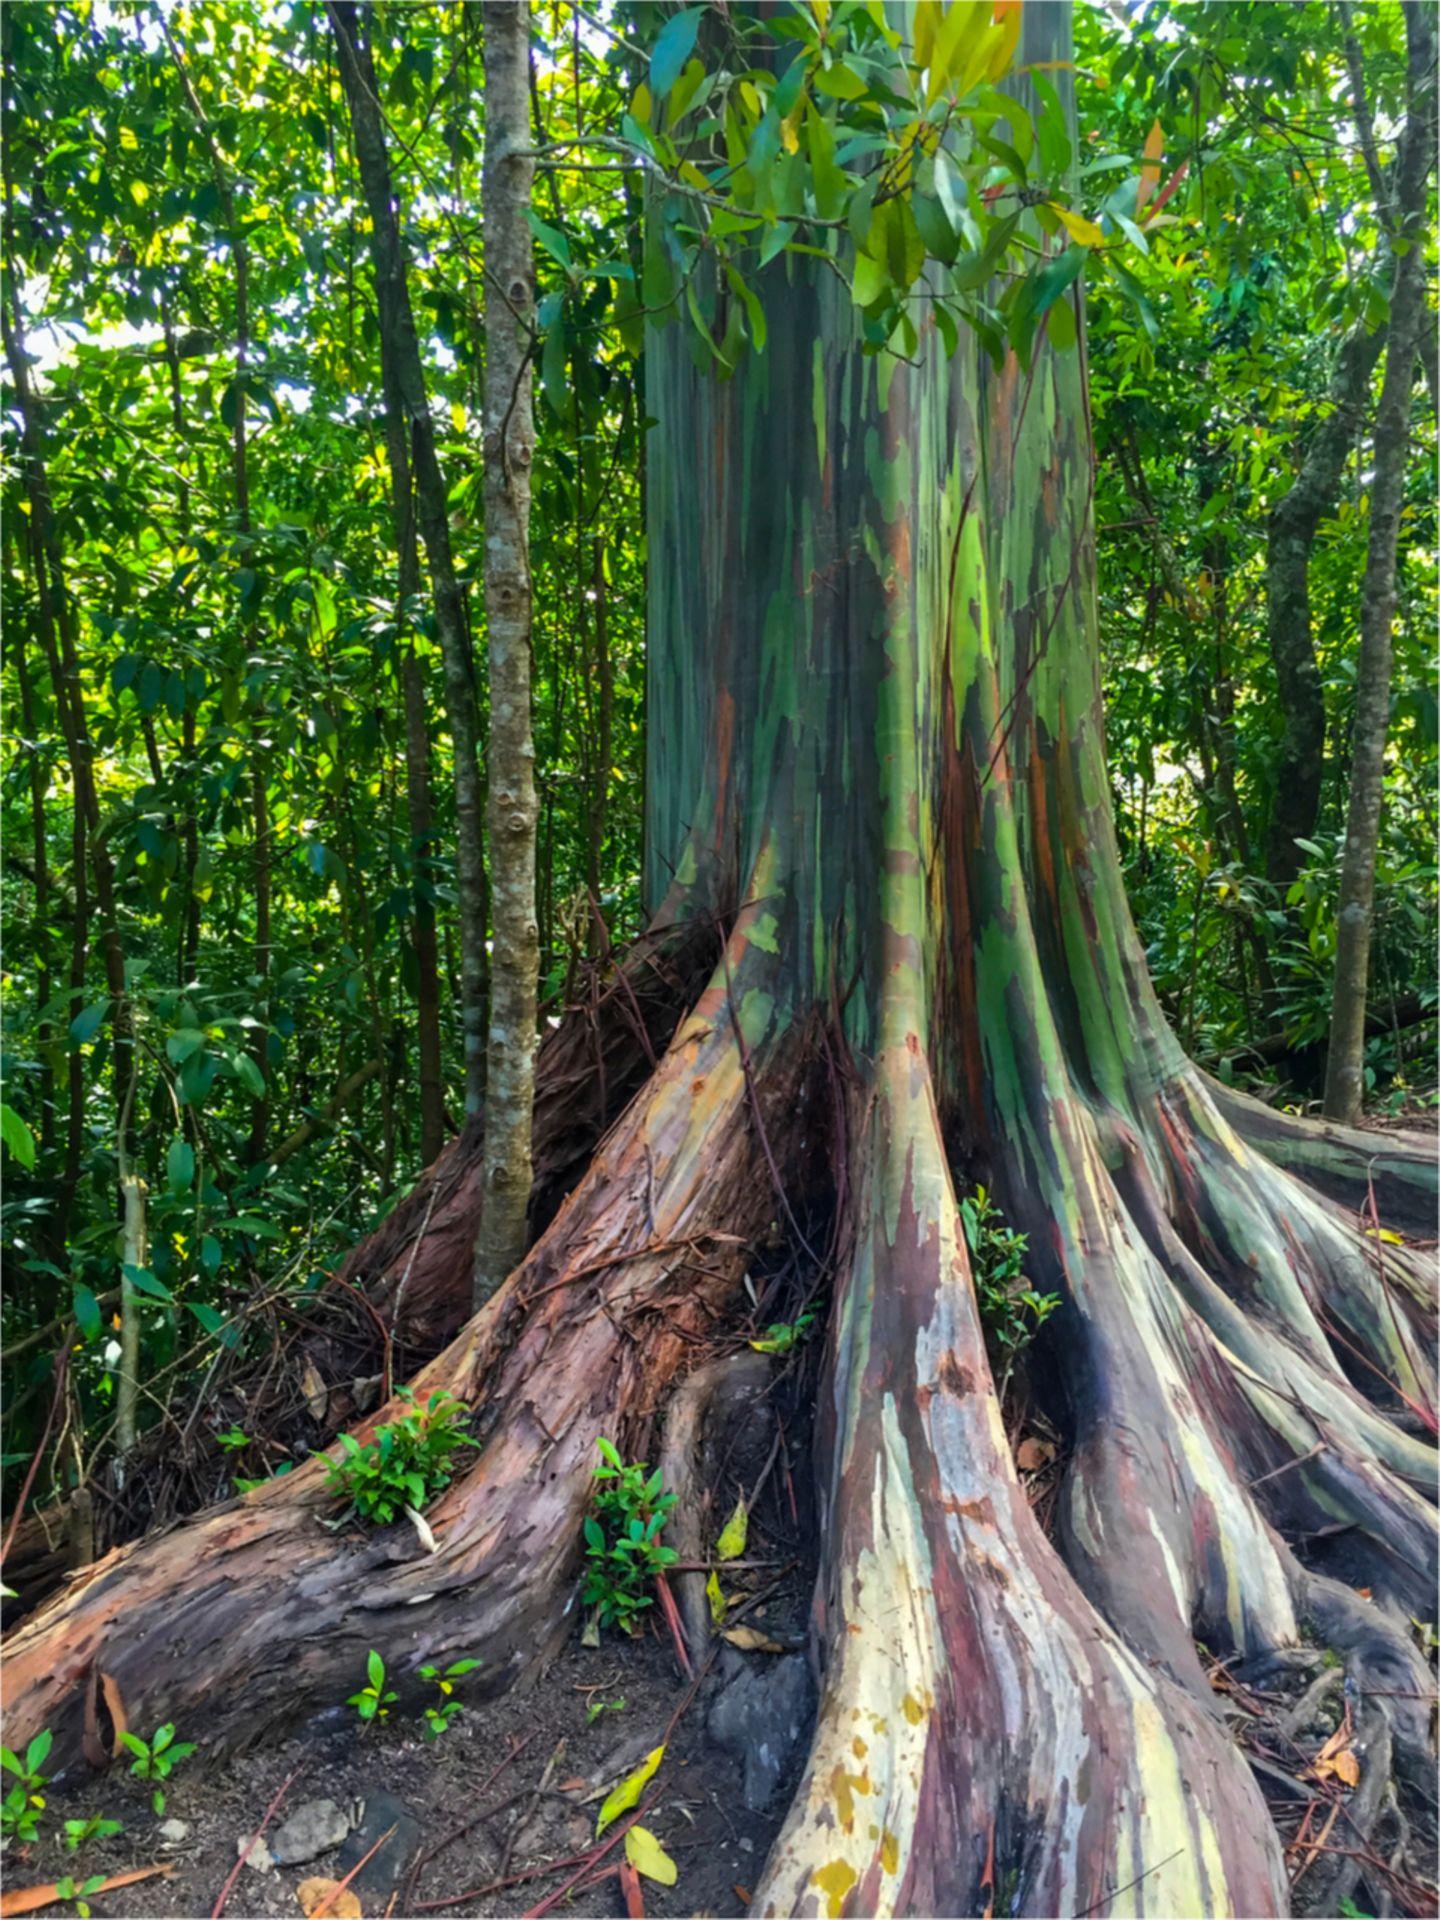 Pflanzen: Rinde wie ein Kunstwerk: Das Geheimnis der Regenbogenbäume - Bild 2